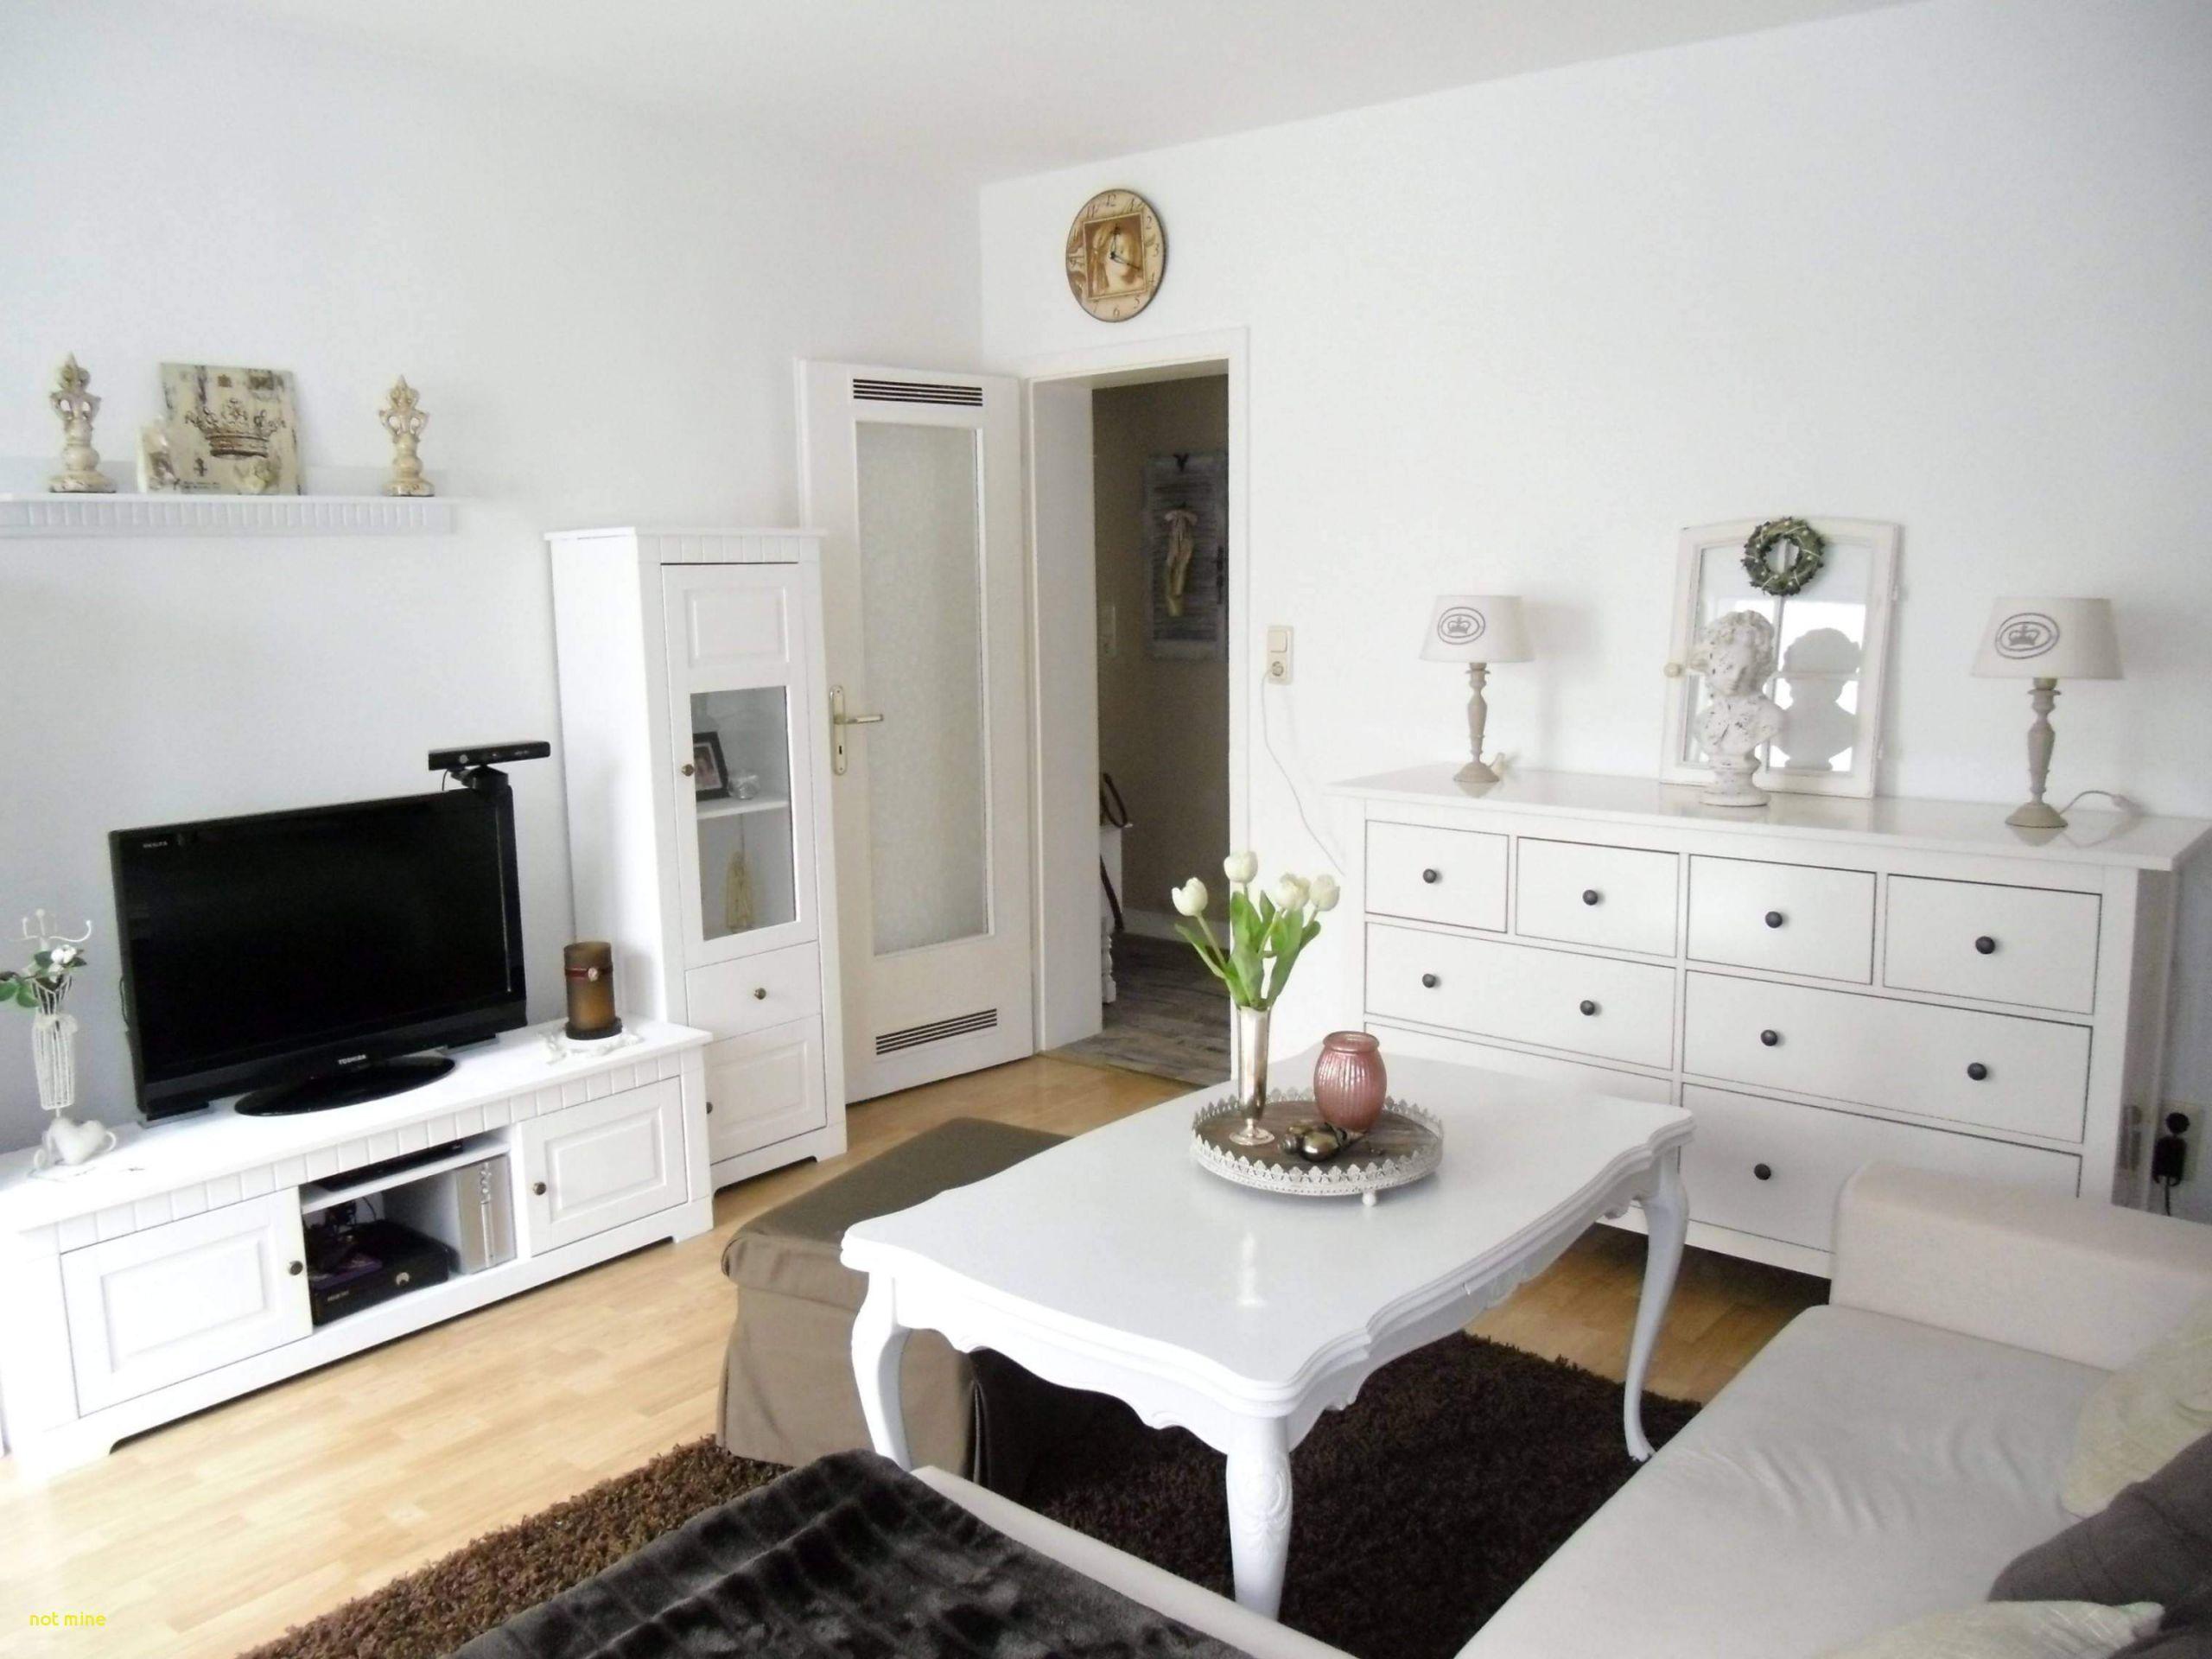 ideen furs wohnzimmer neu lovely wohnzimmer deko farbe ideas of ideen furs wohnzimmer